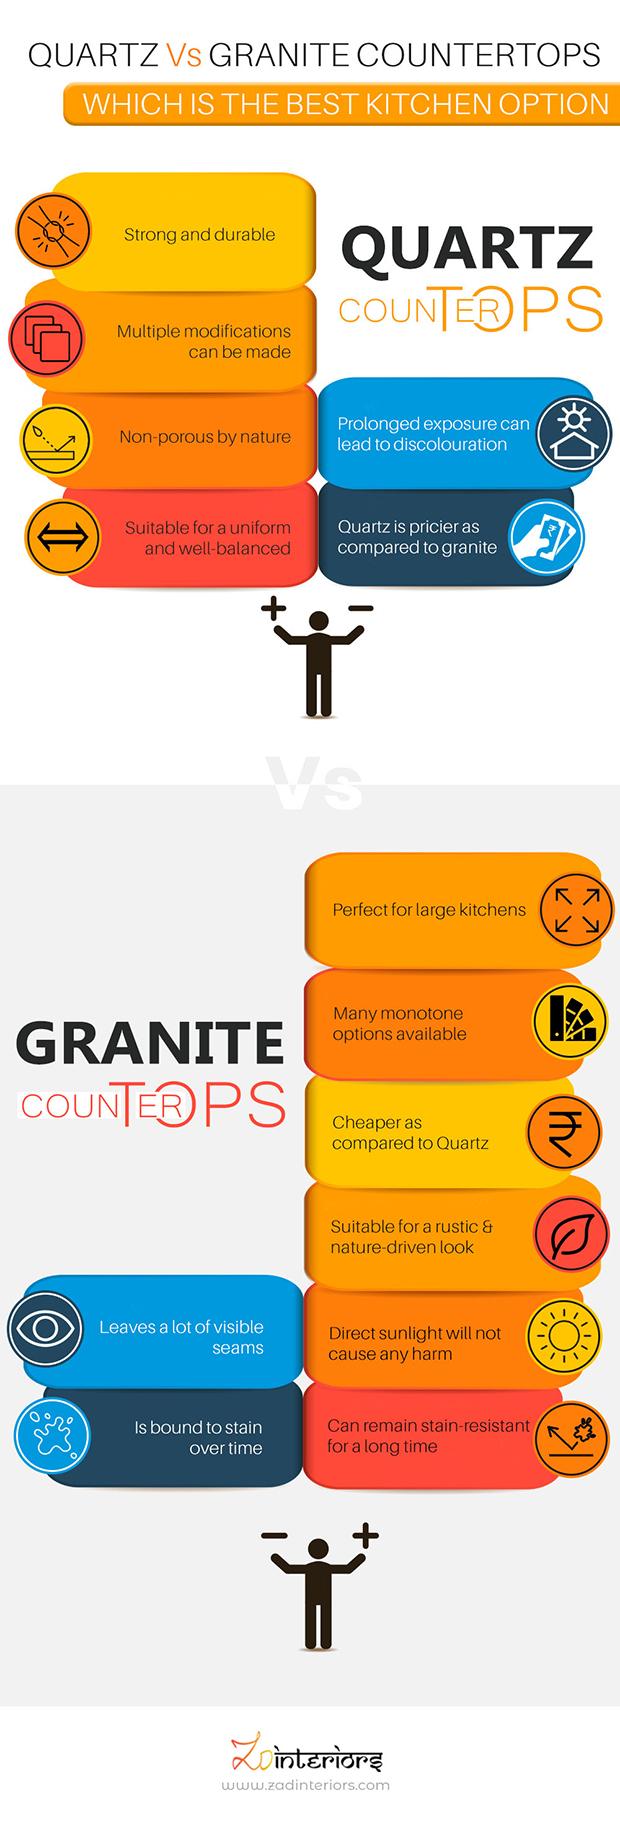 quartz vs granite countertops